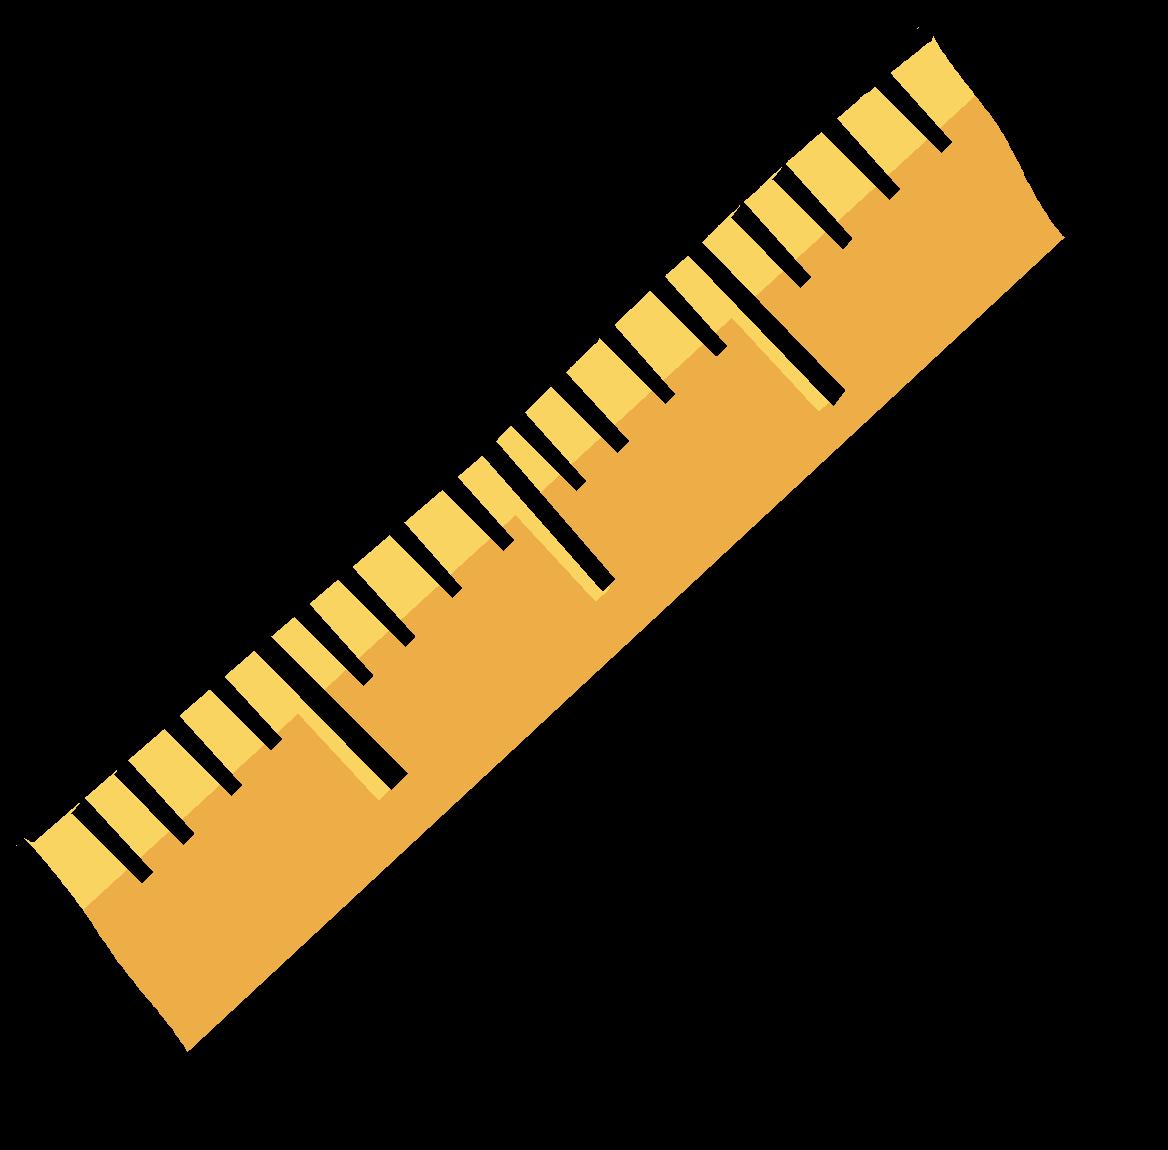 Clipart ruler construction. Mathematics teacher measurement compass